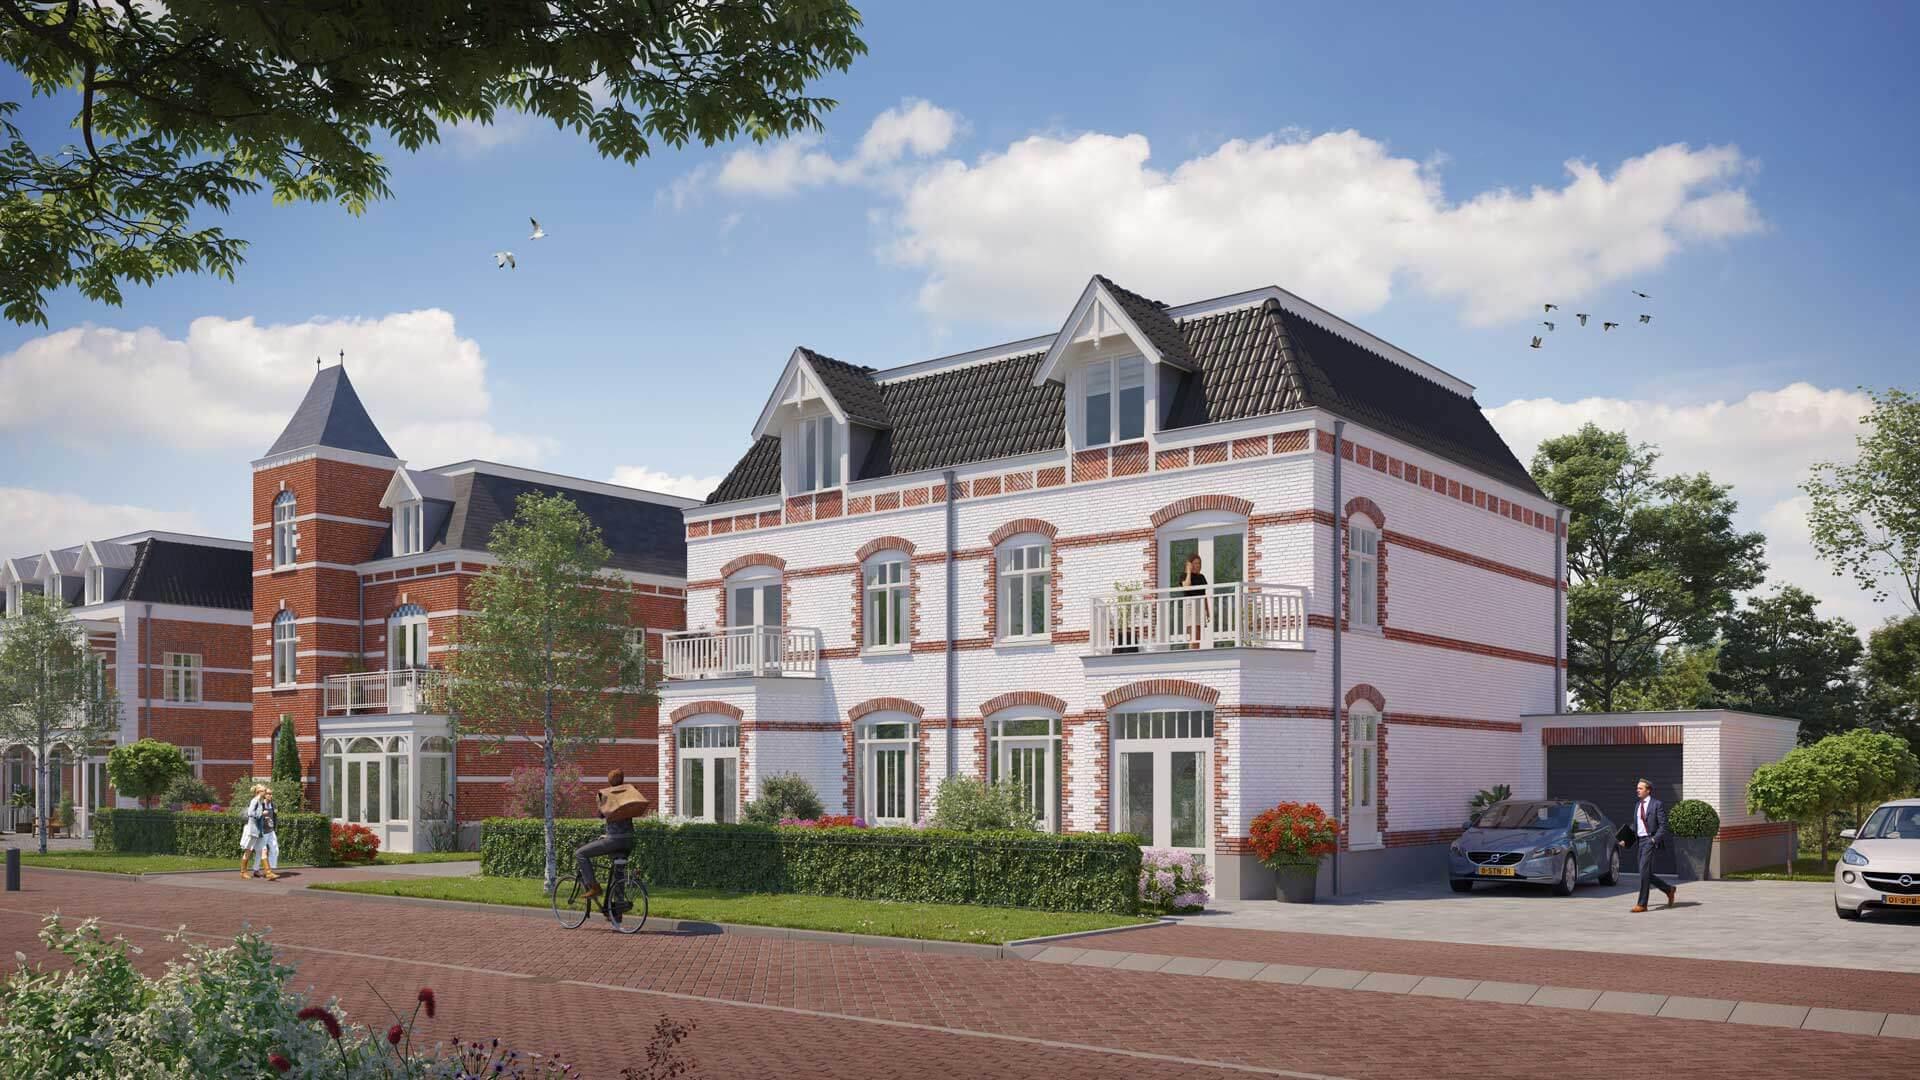 De-Heeren-van-Vroondaal-Werk-yoreM-nieuwbouwproject-Den-Haag